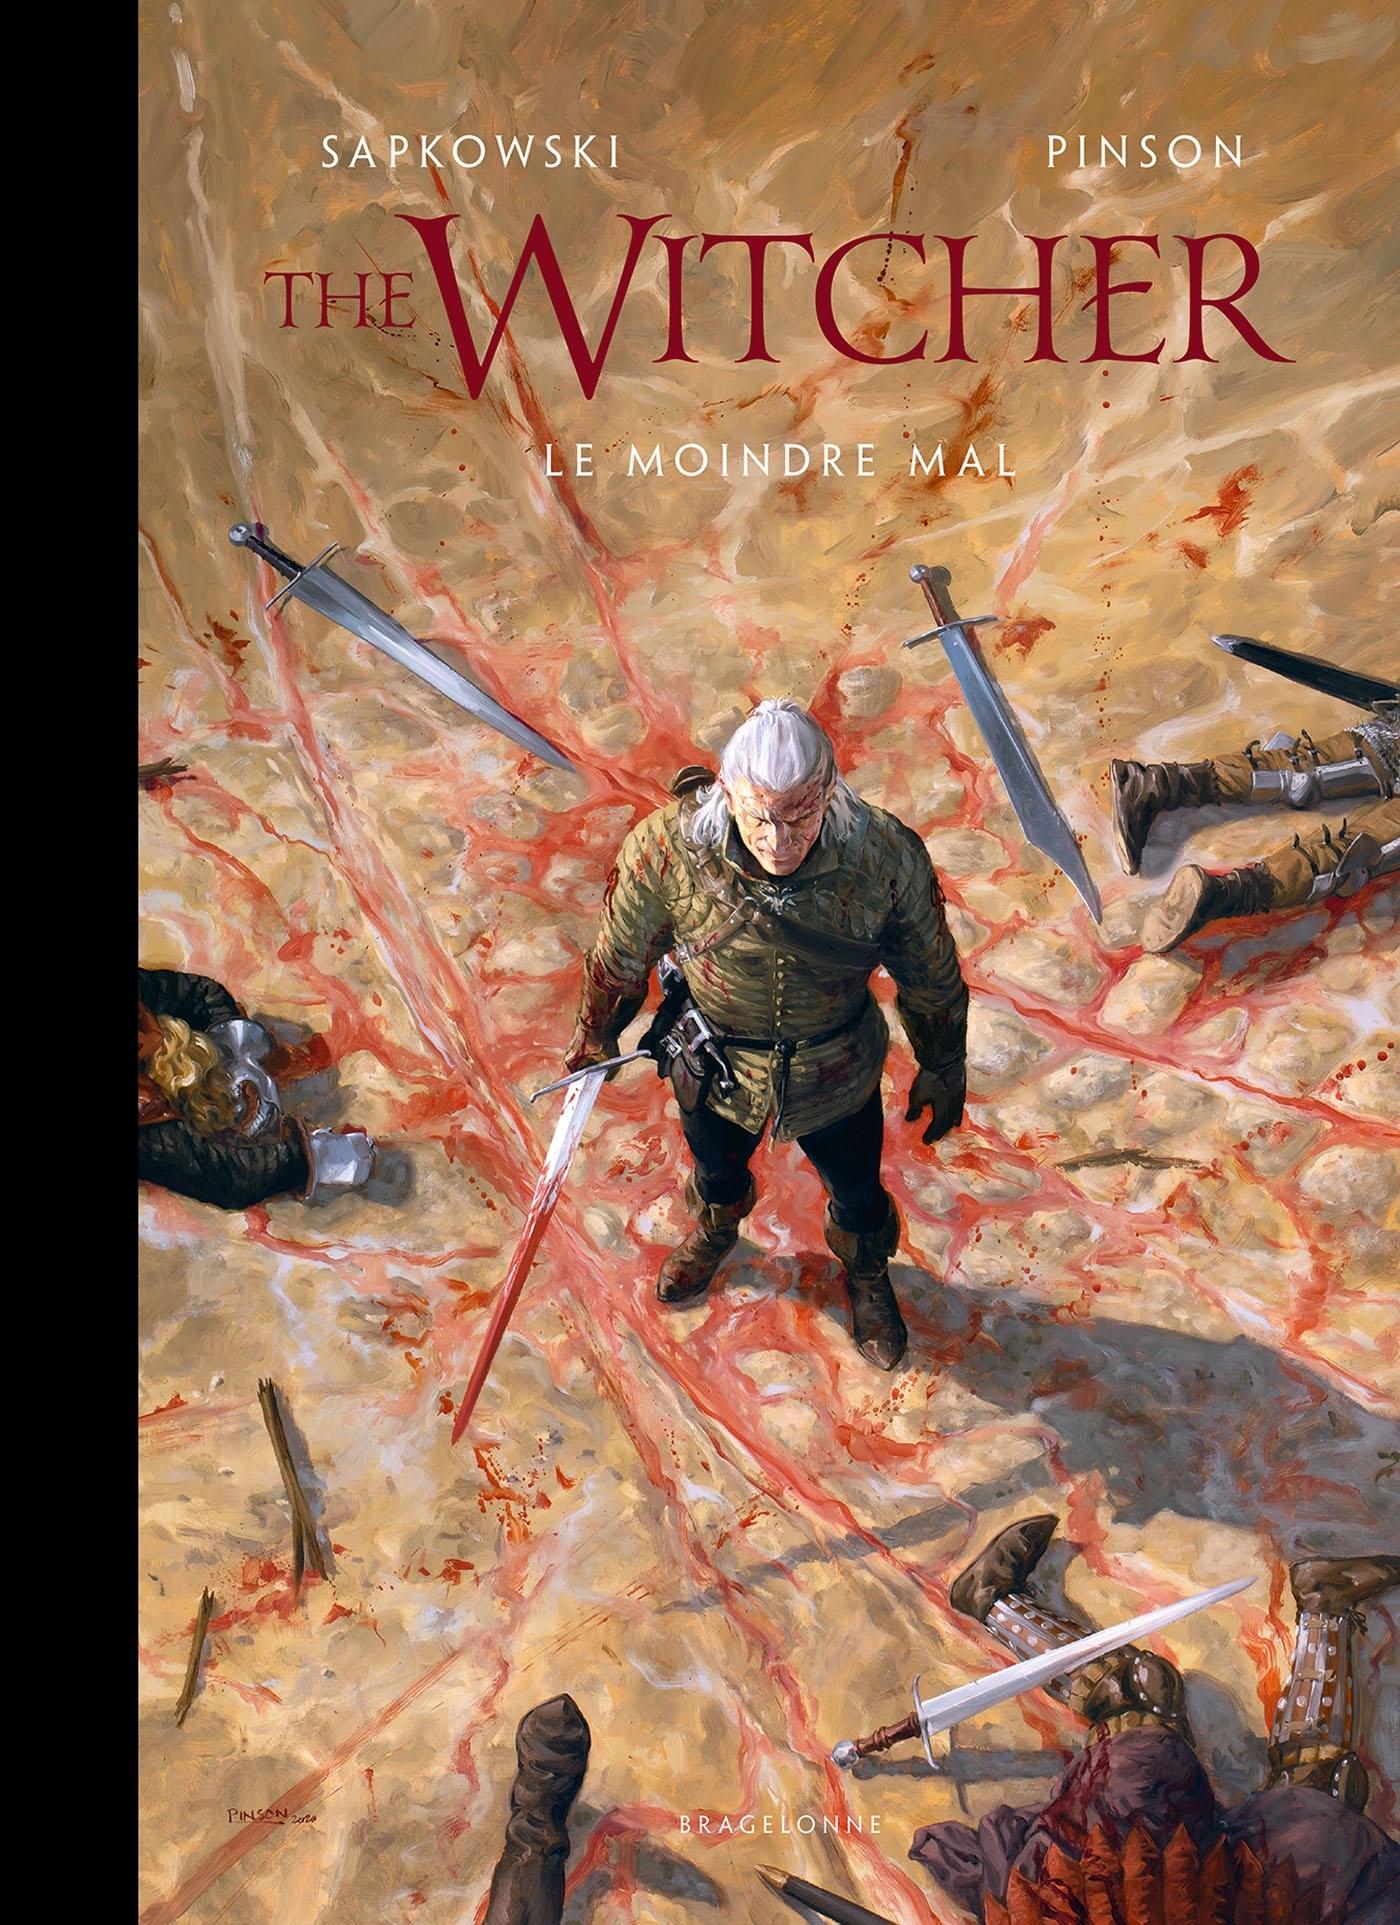 L'UNIVERS DU SORCELEUR (WITCHER) : THE WITCHER ILLUSTRE : LE MOINDRE MAL